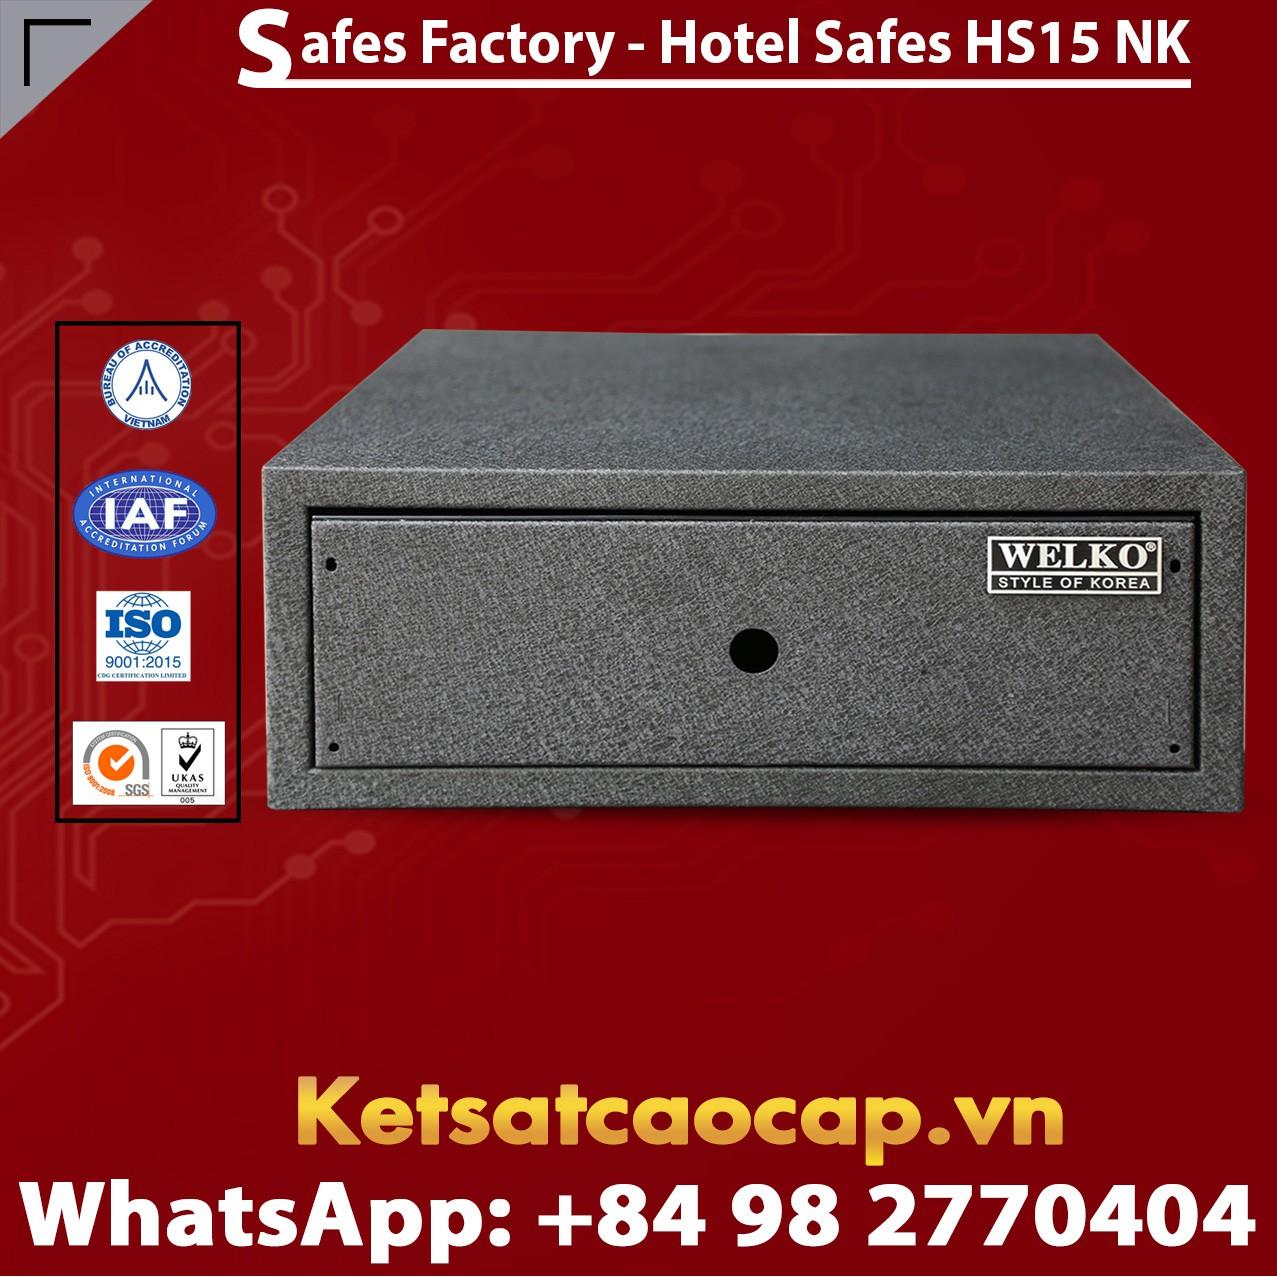 Hotel Safes WELKO HS15 NK